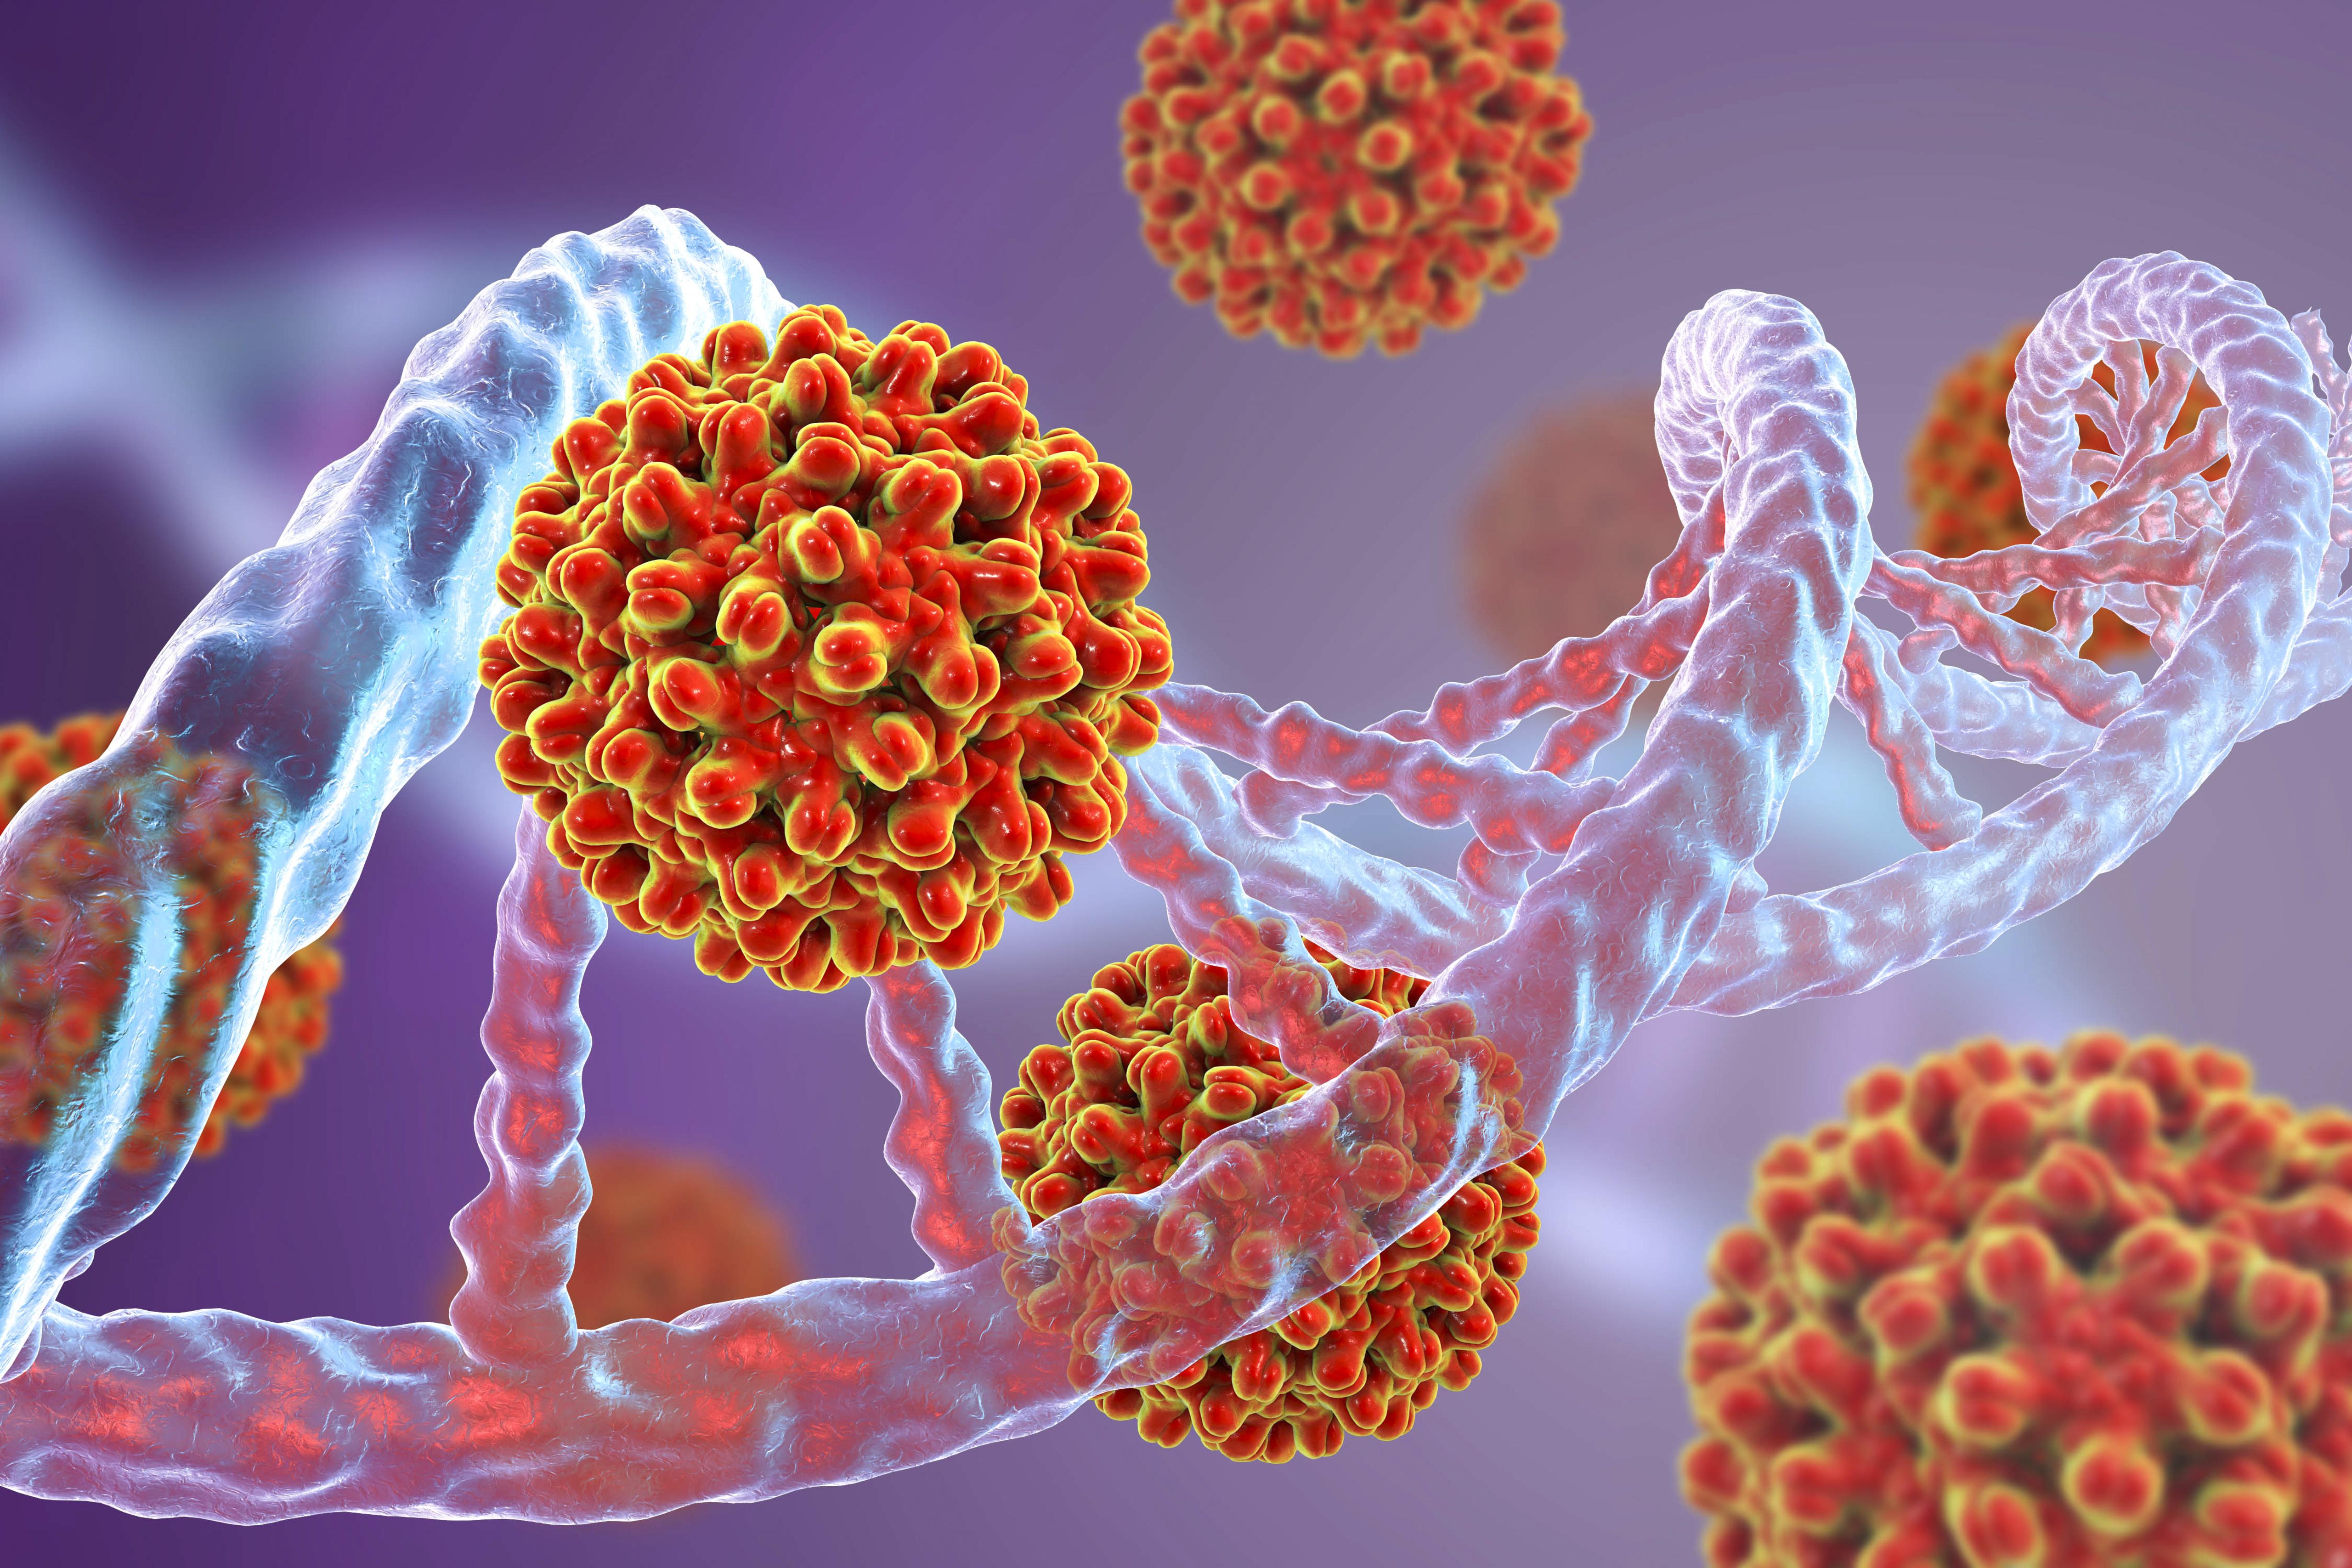 Így rombolja a szervezetet a májgyulladás - EgészségKalauz